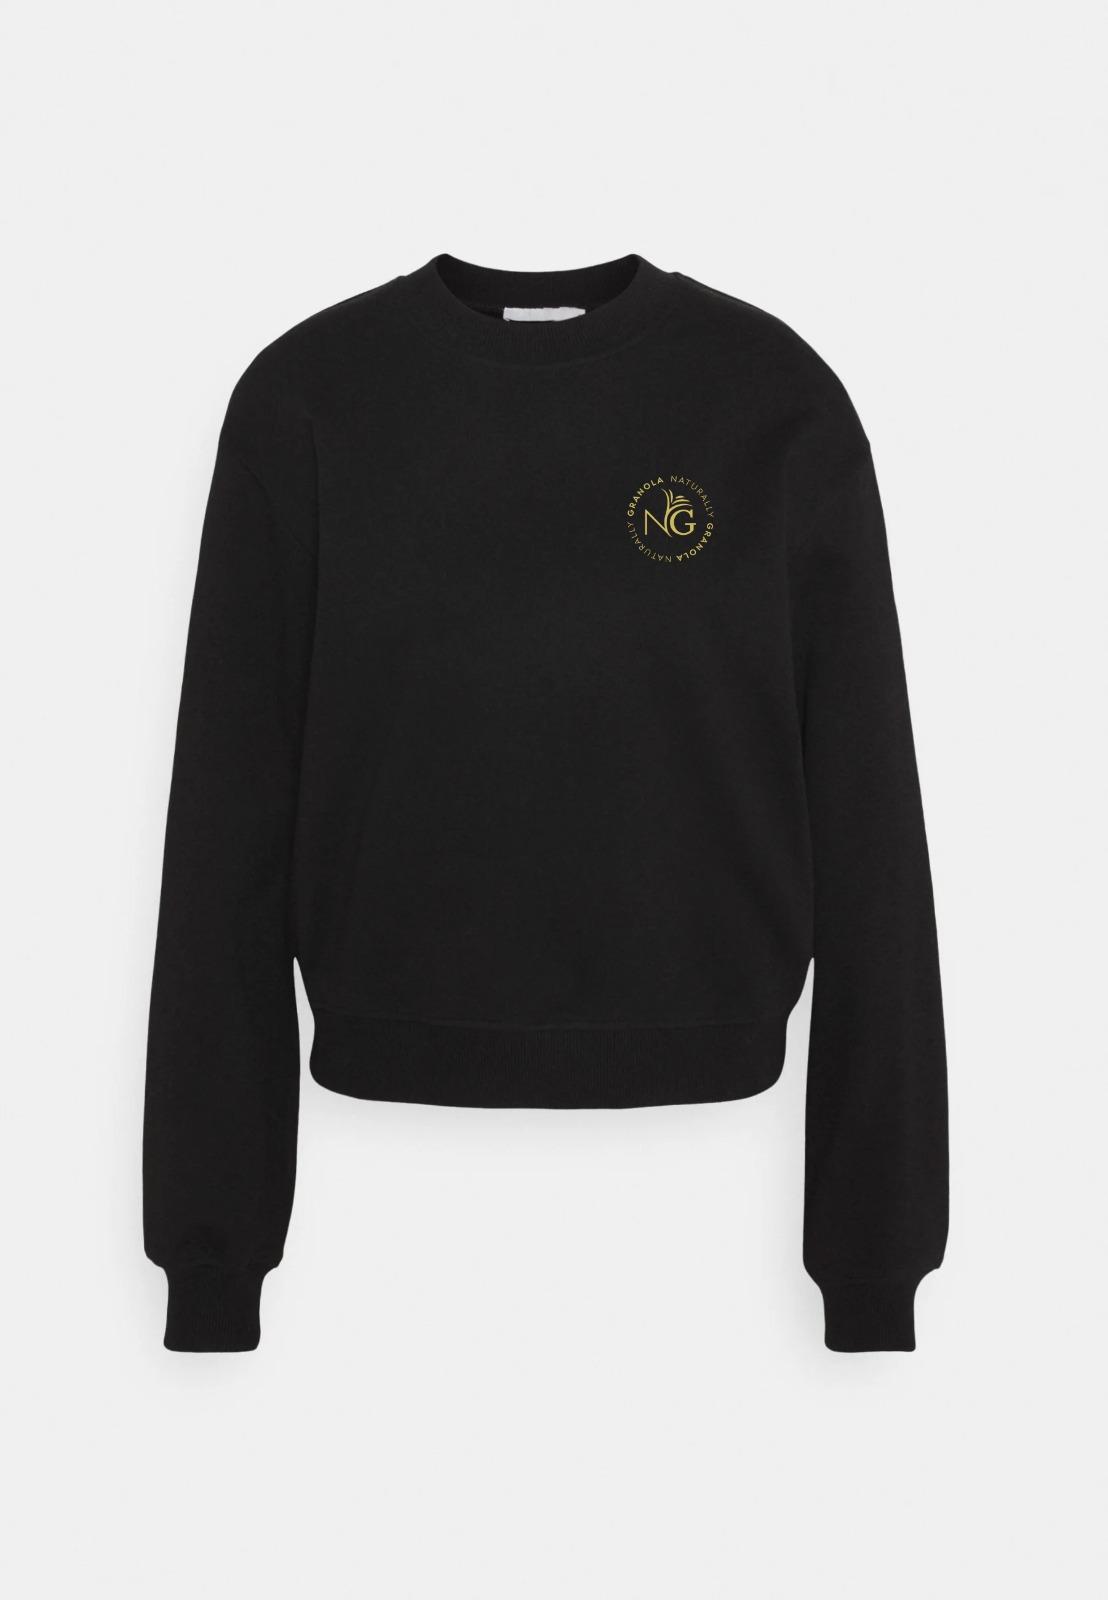 NG Swag - Sweater